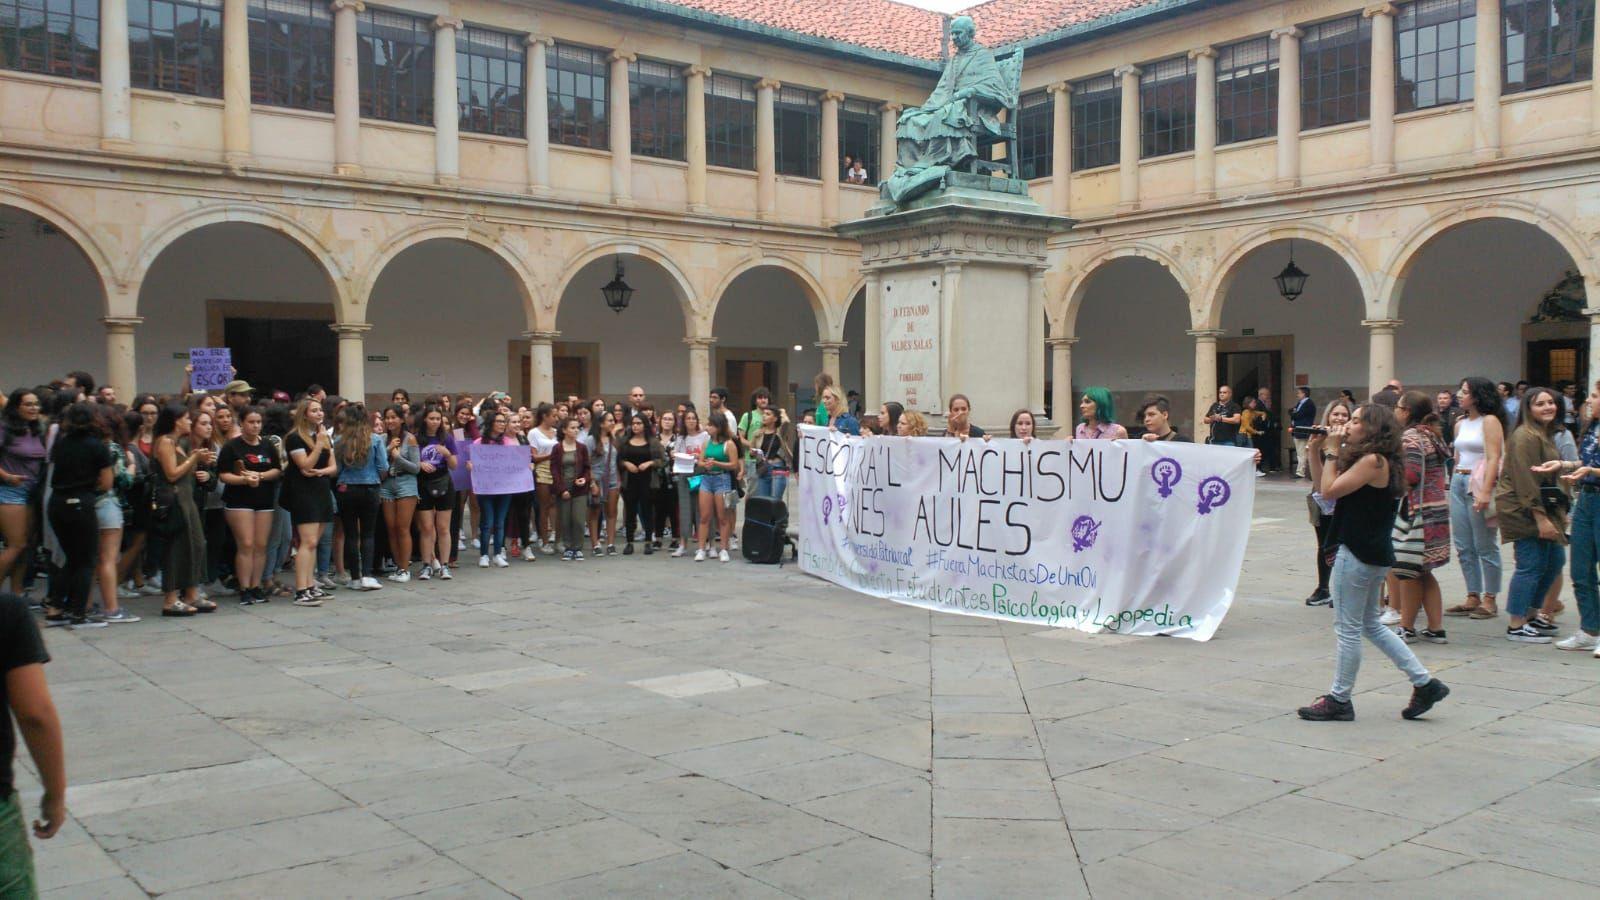 Estudiantes de Oviedo se manifiestan contra el machismo en las aulas.Concejales de Somos Oviedo, con Ana Taboada en el centro